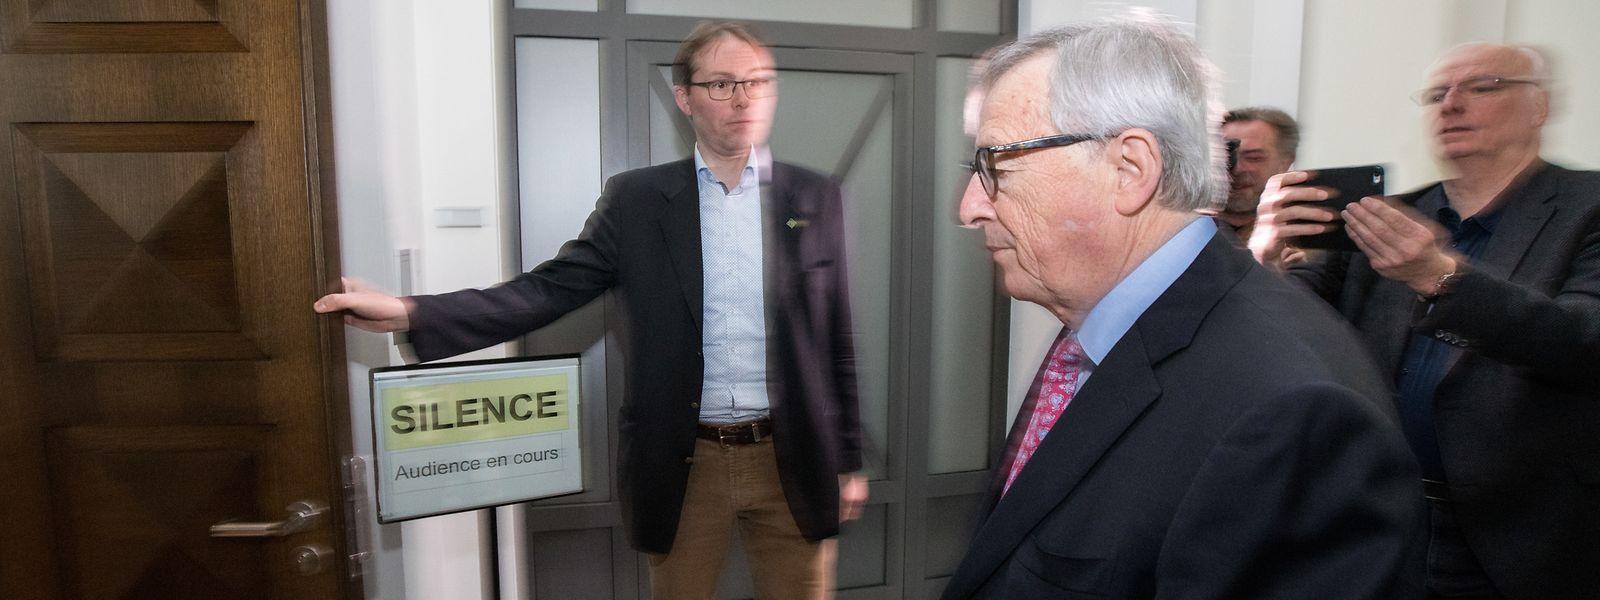 Jean-Claude Juncker trug als Staatsminister 2007 die Verantwortung für den SREL. Er sagte am zweiten Verhandlungstag als Zeuge aus.